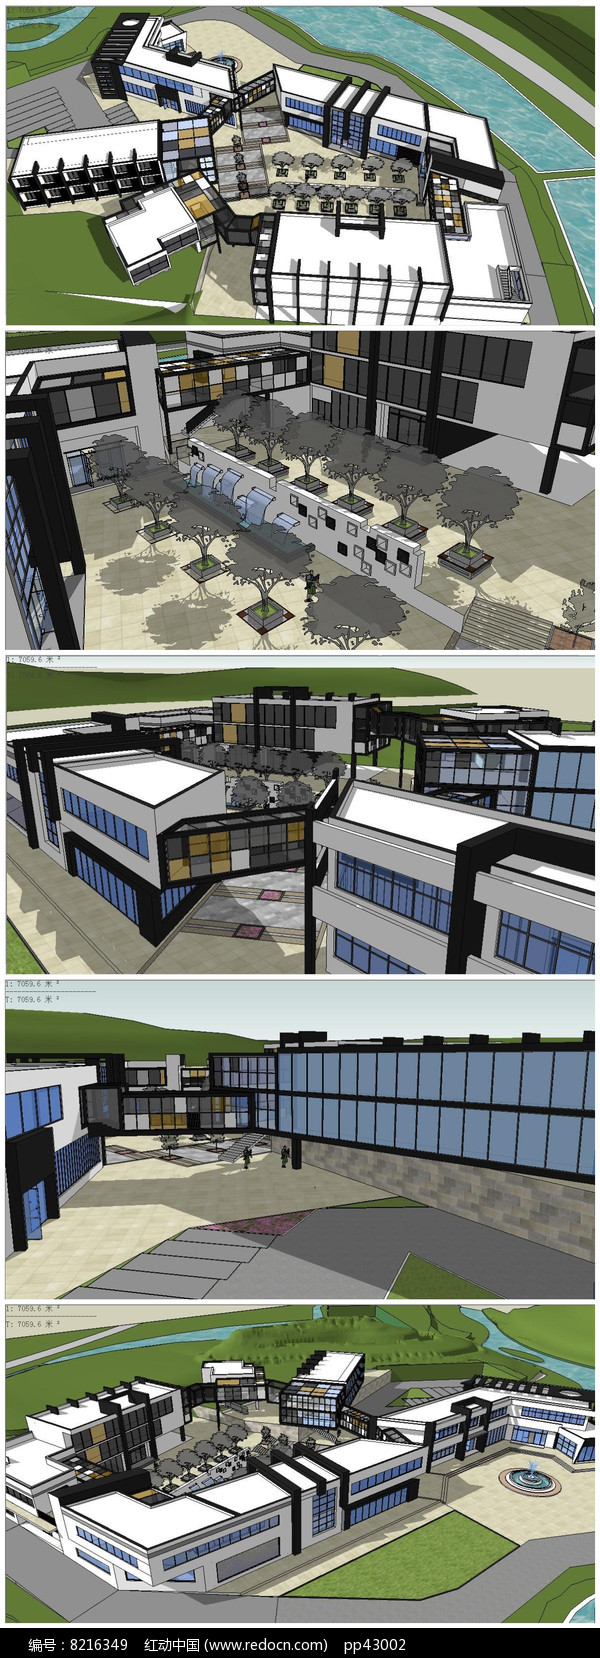 高档度假中心建筑SU模型图片